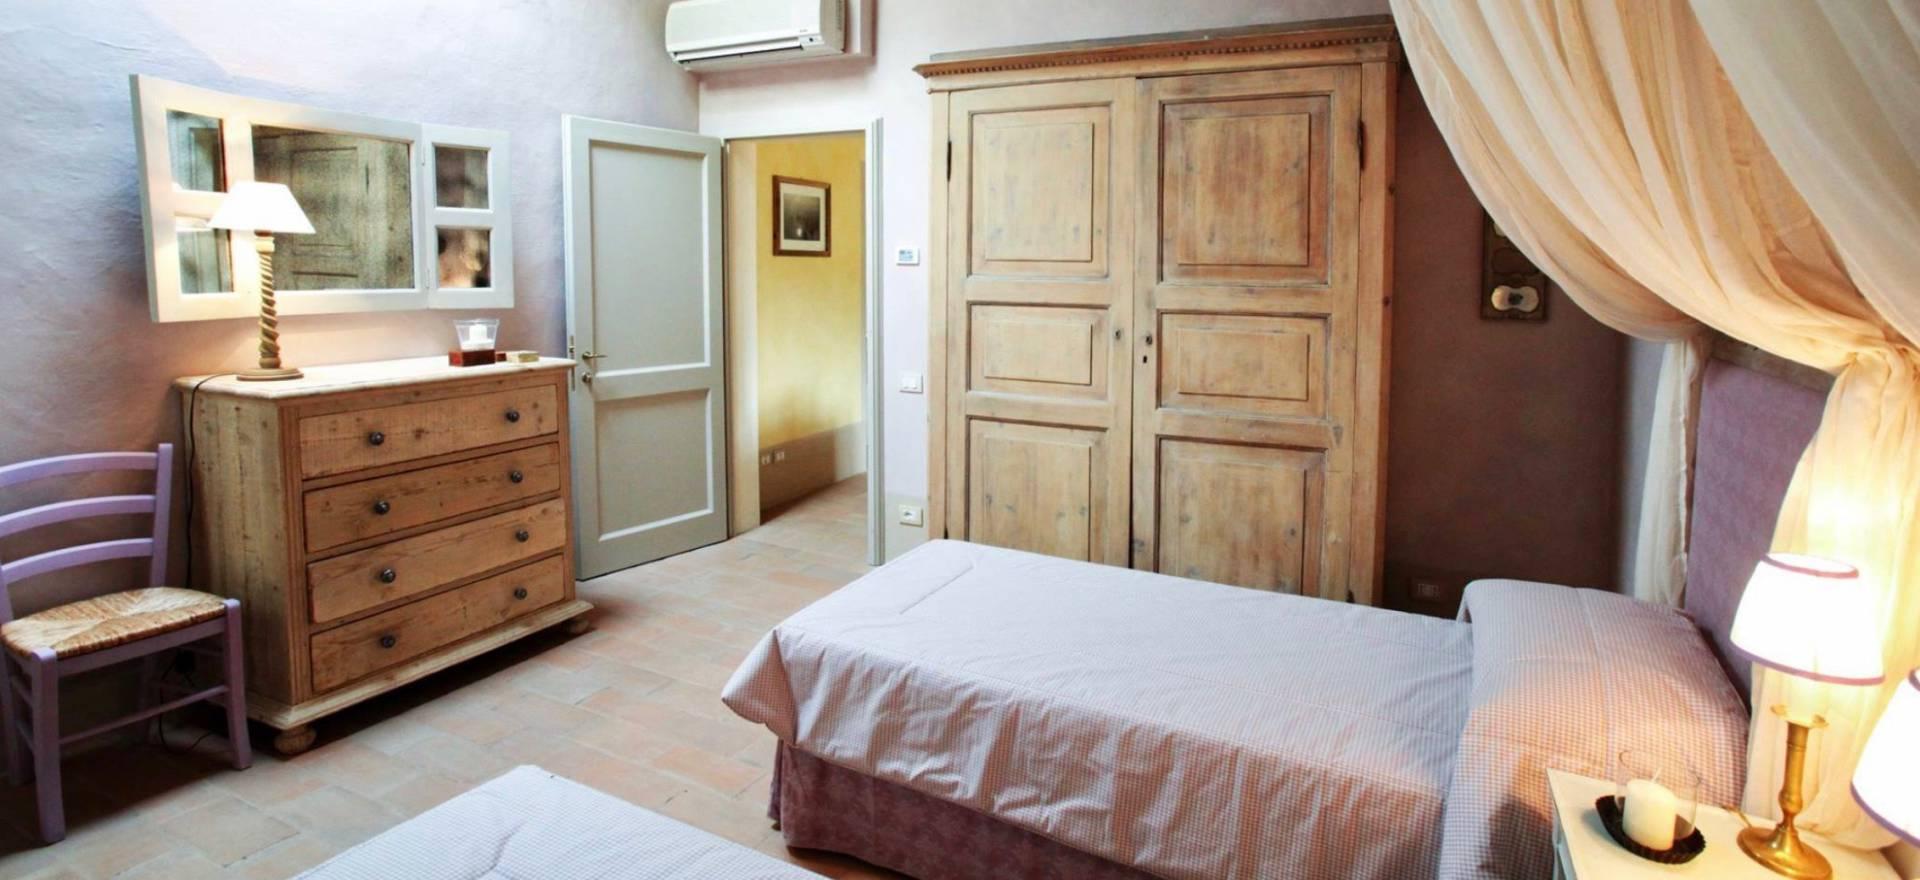 Agriturismo Tuscany Elegant agriturismo with amazing views of Siena